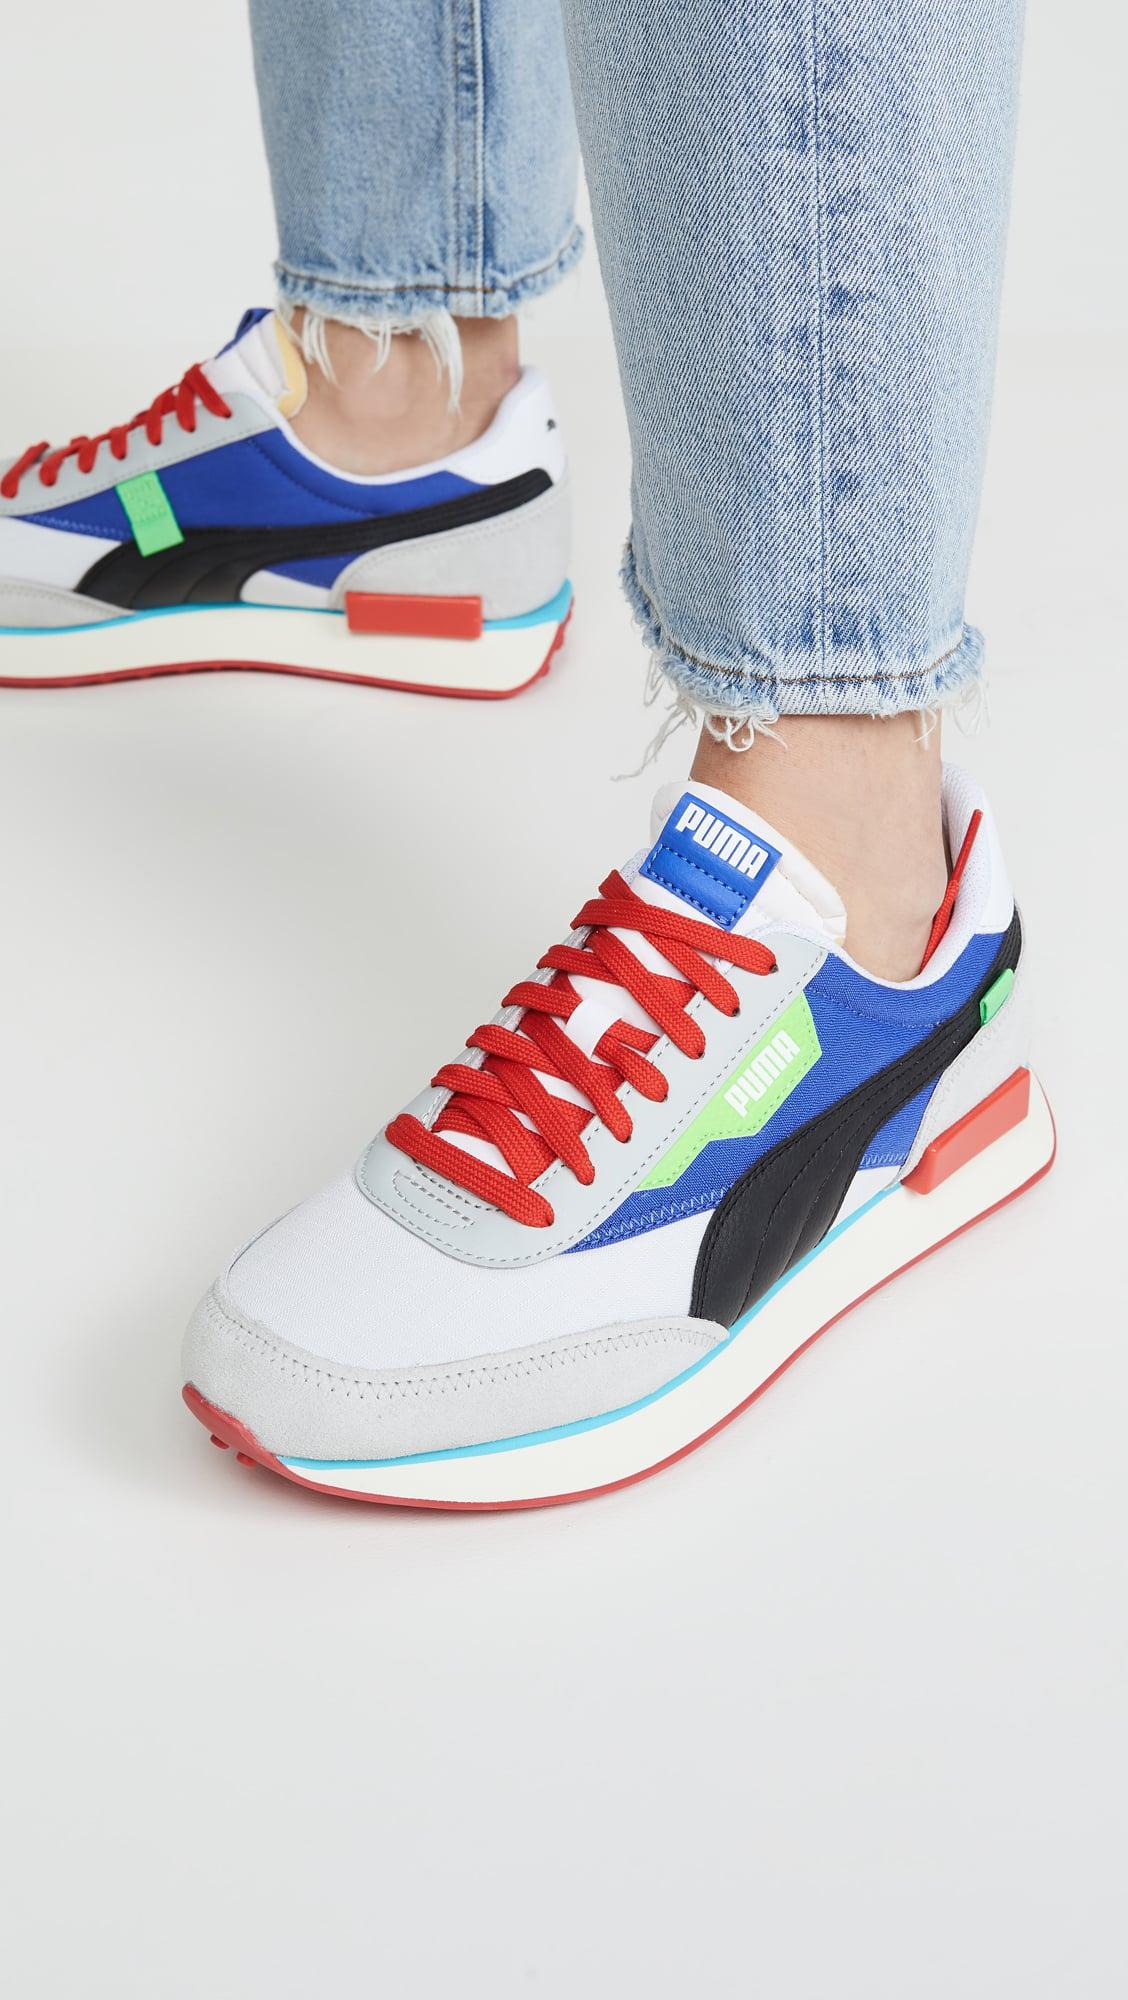 Cute Sneakers For Women 2020 | POPSUGAR